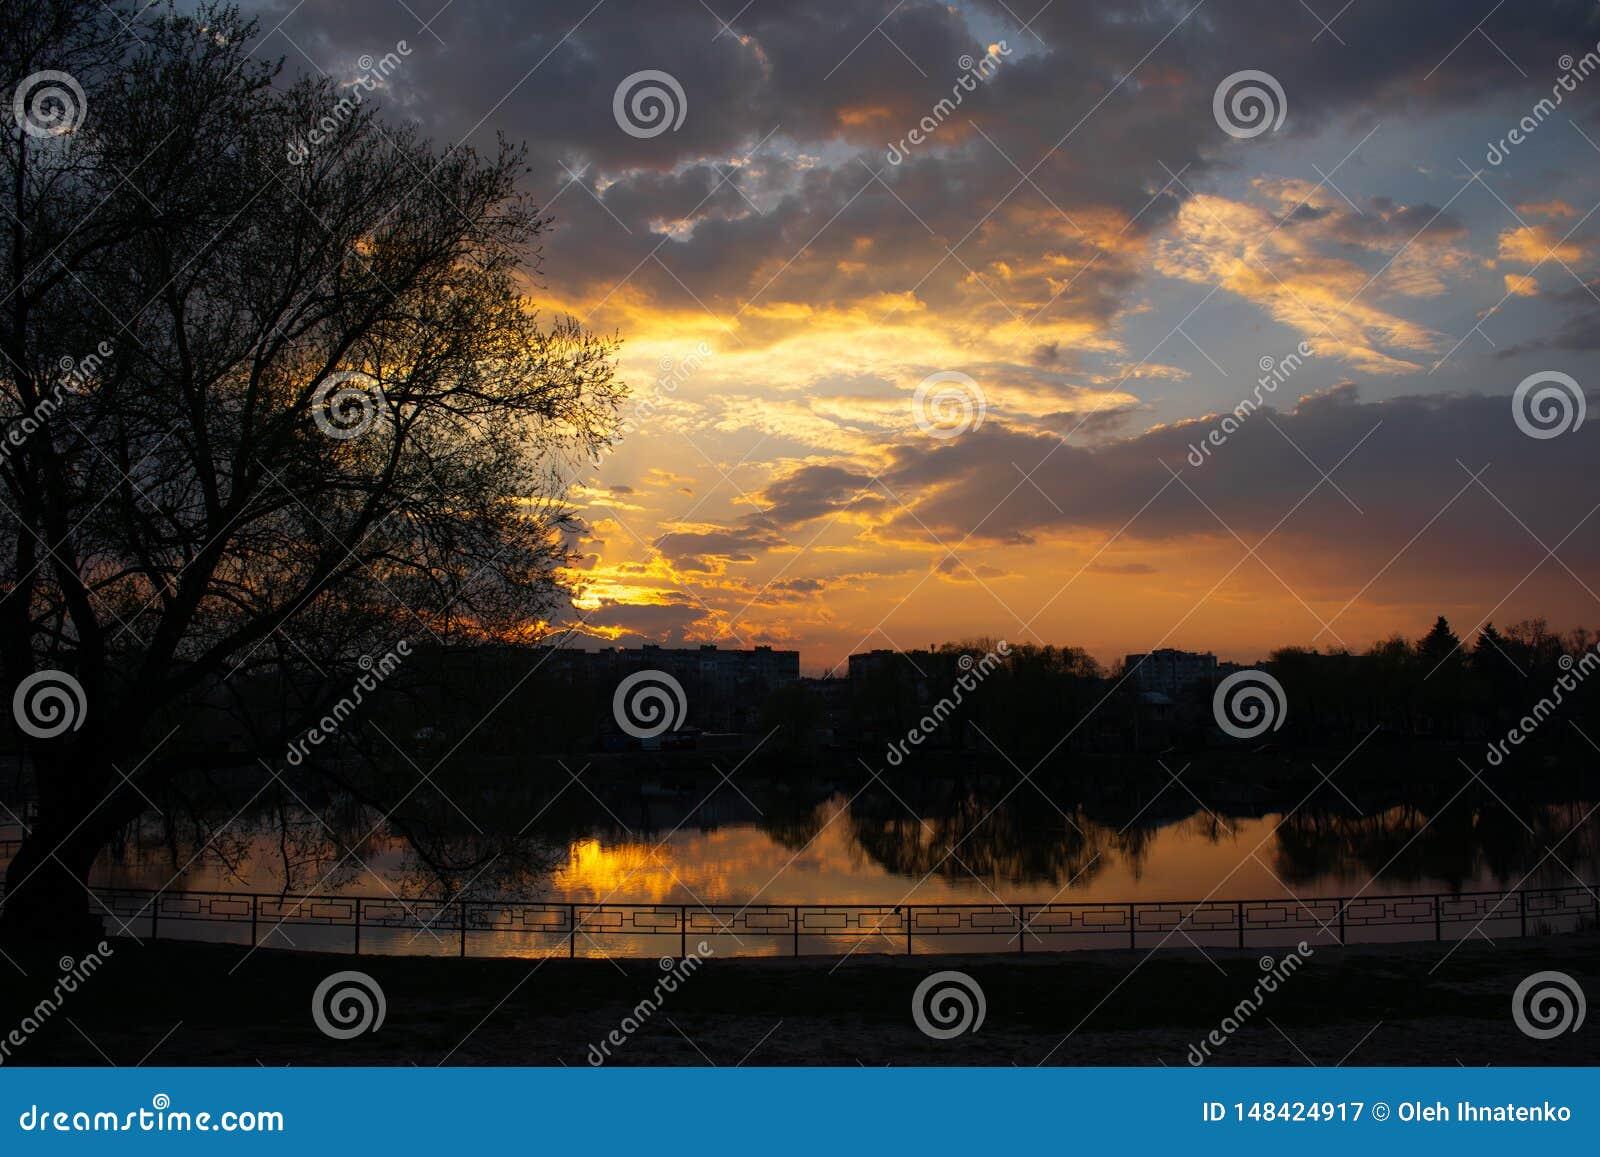 Sonnenuntergang auf dem Flussufer mit Baum